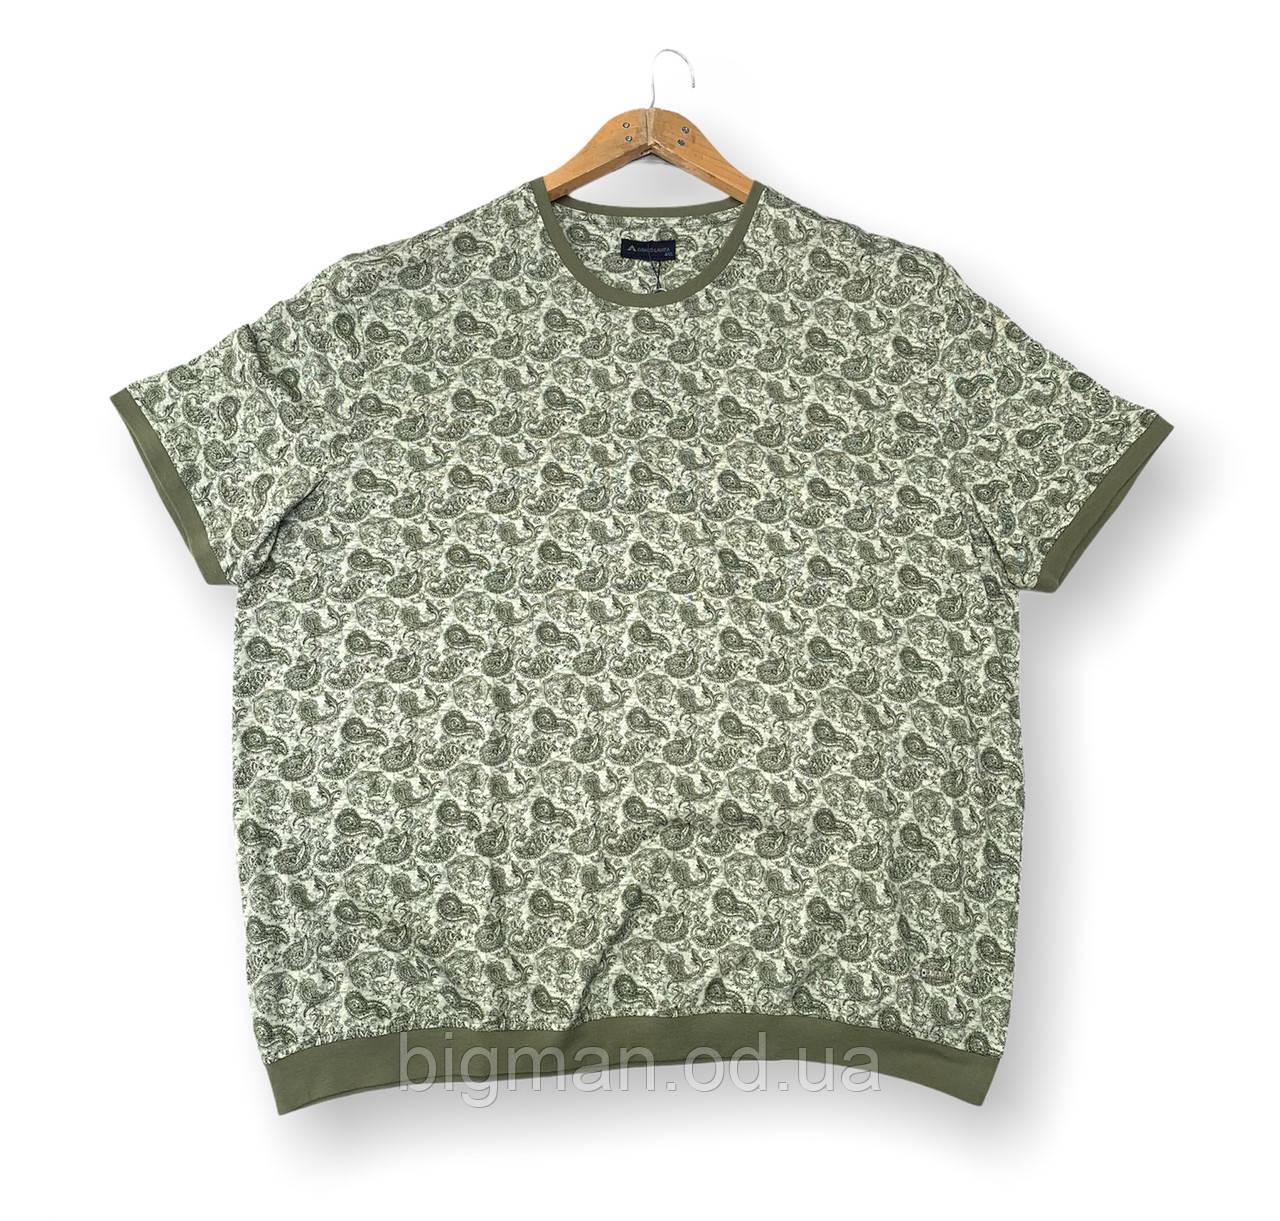 Чоловіча футболка на резинці зелена батальна (великі розміри 4XL 5XL) Grand la Vita, Туреччина